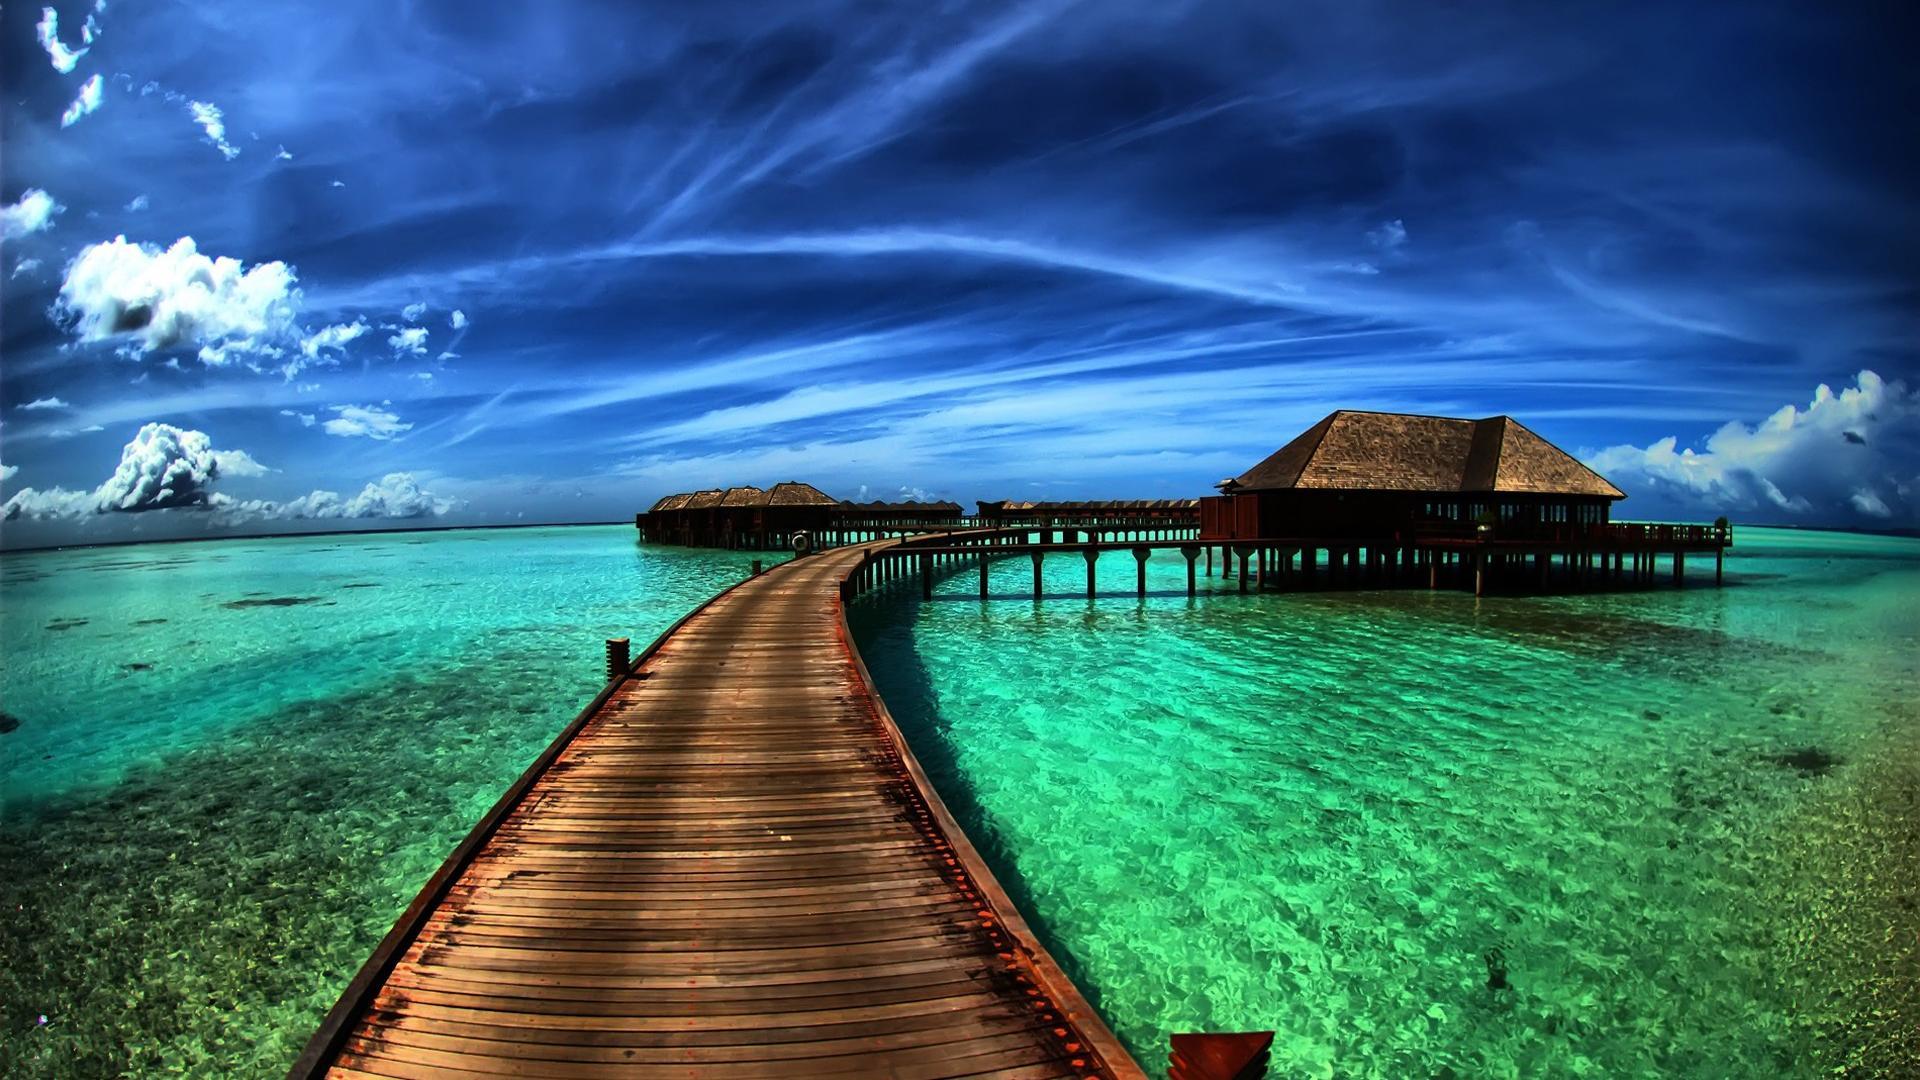 روعه السفر الي جزر المالديف مع الاطفال (6)